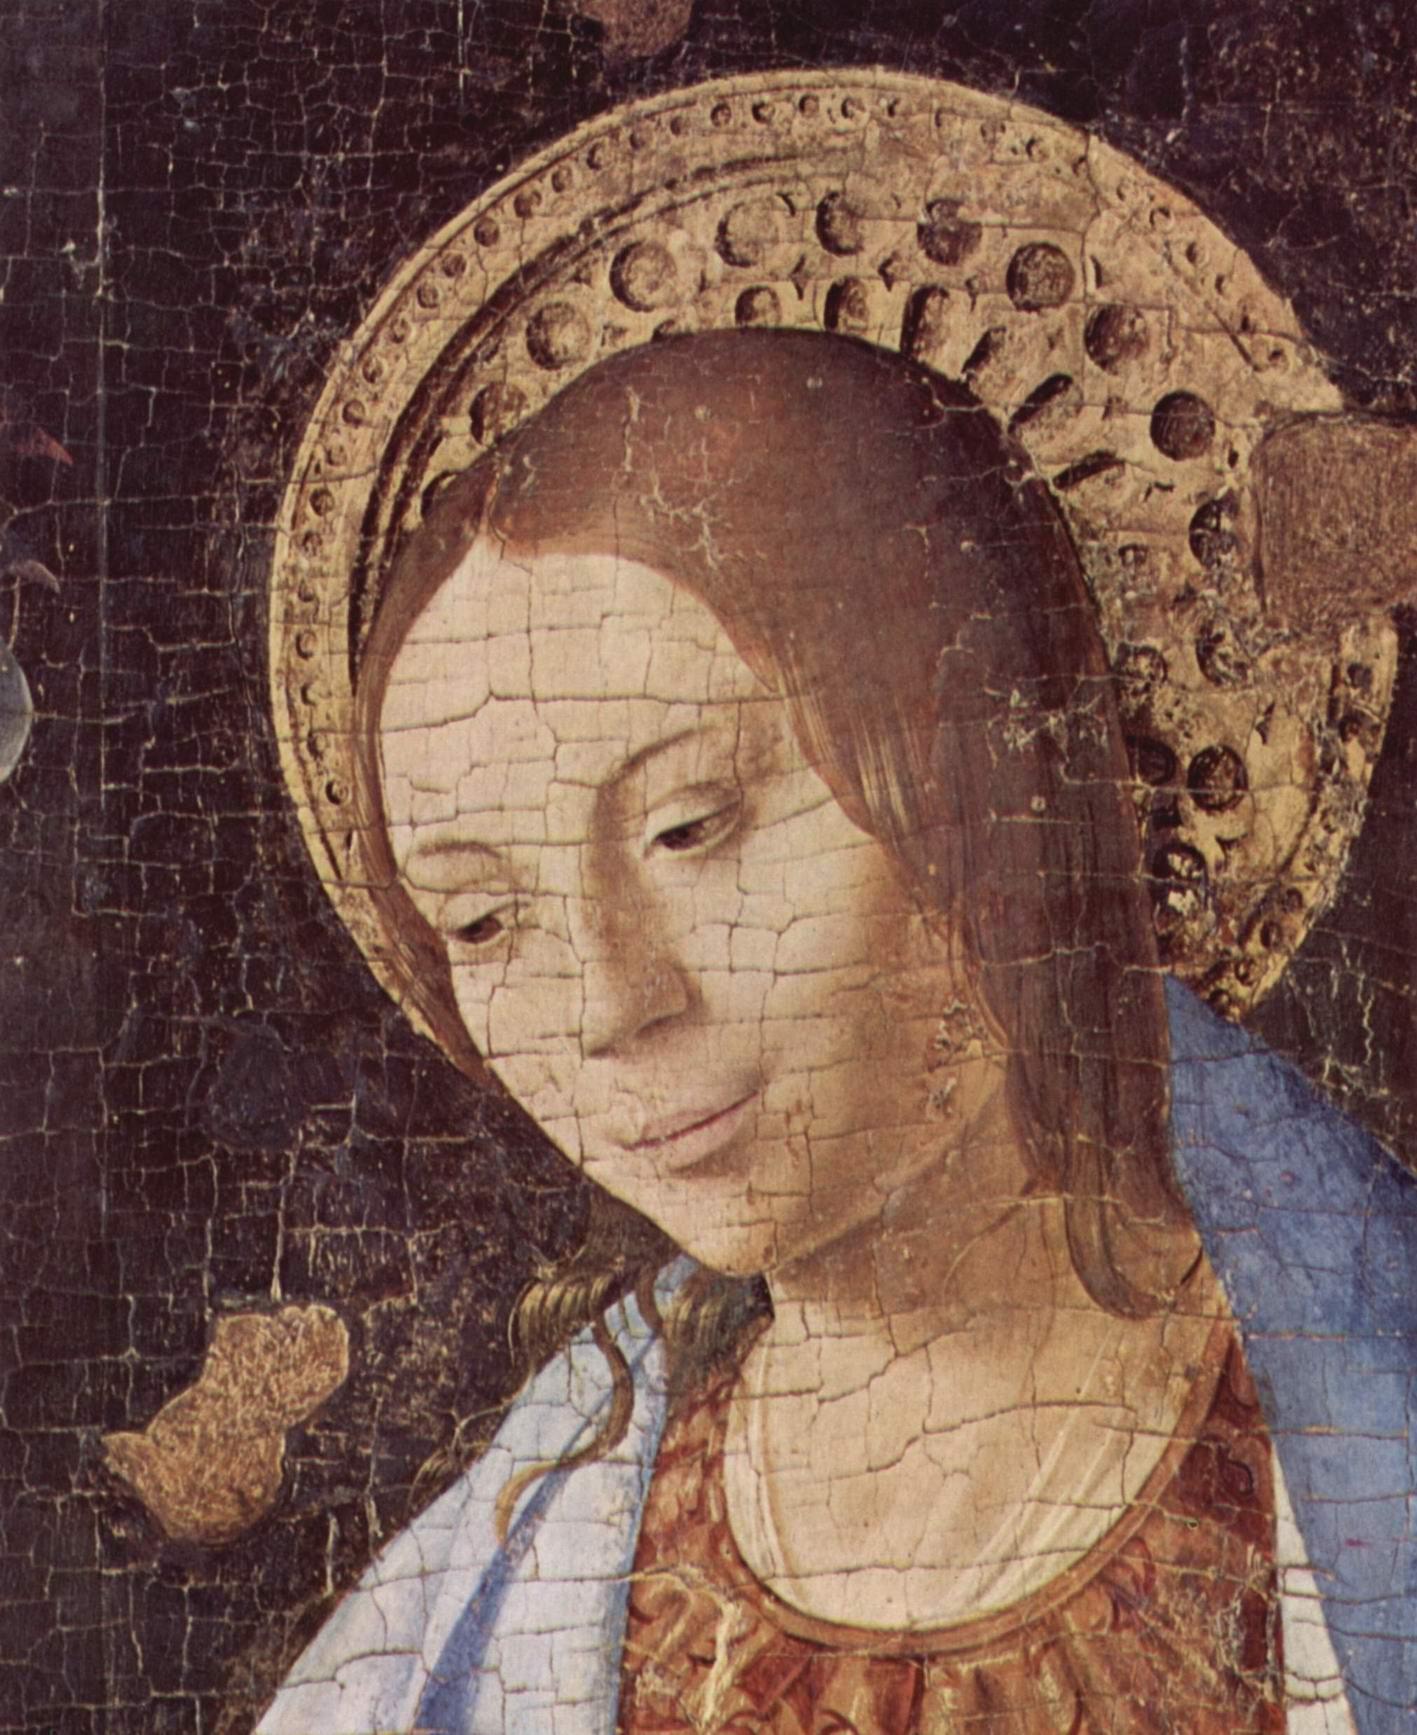 Благовещение, фрагмент. Деталь  голова Марии, Антонелло да Мессина